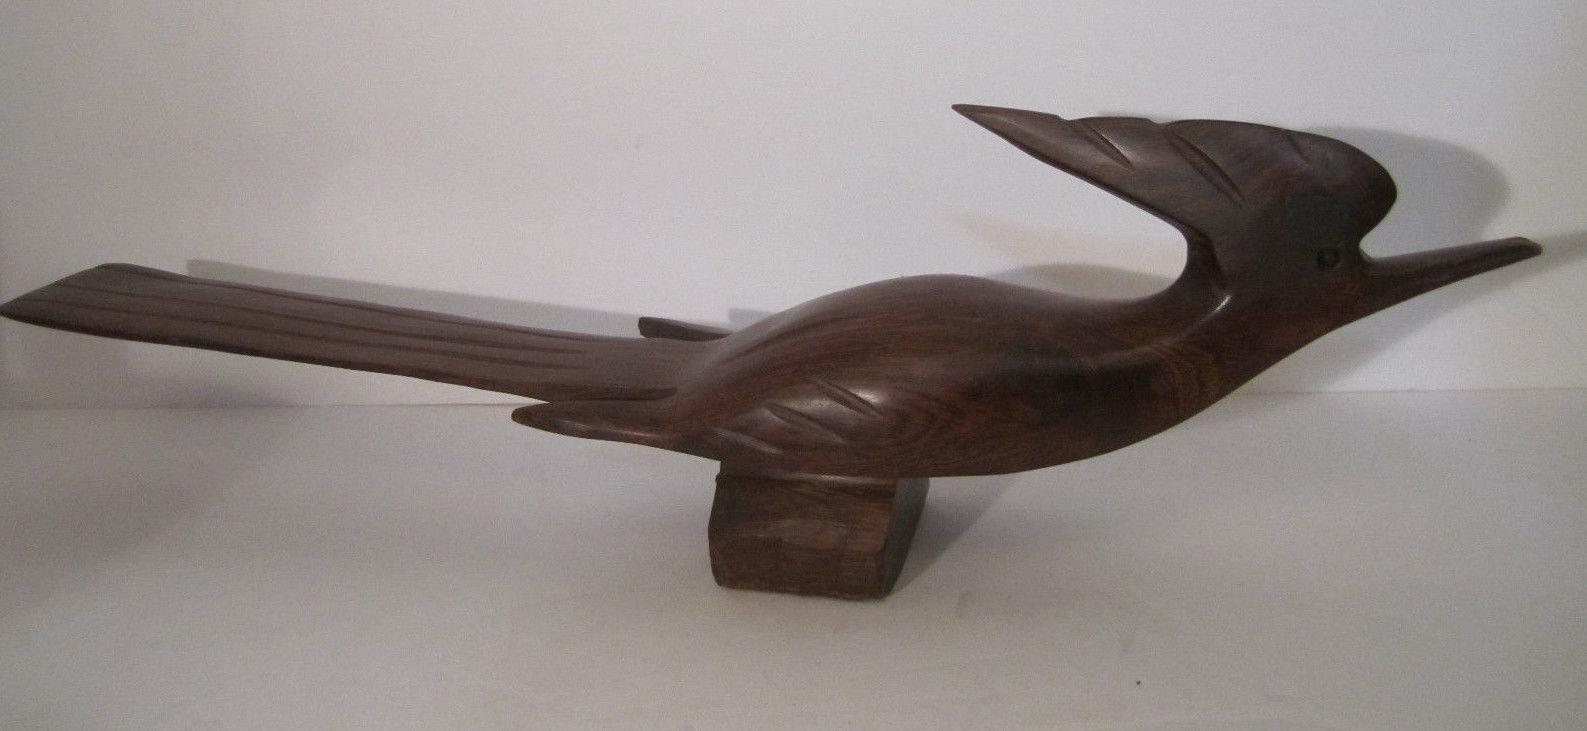 LARGE Vintage Carved Wooden Roadrunner Bird Carving